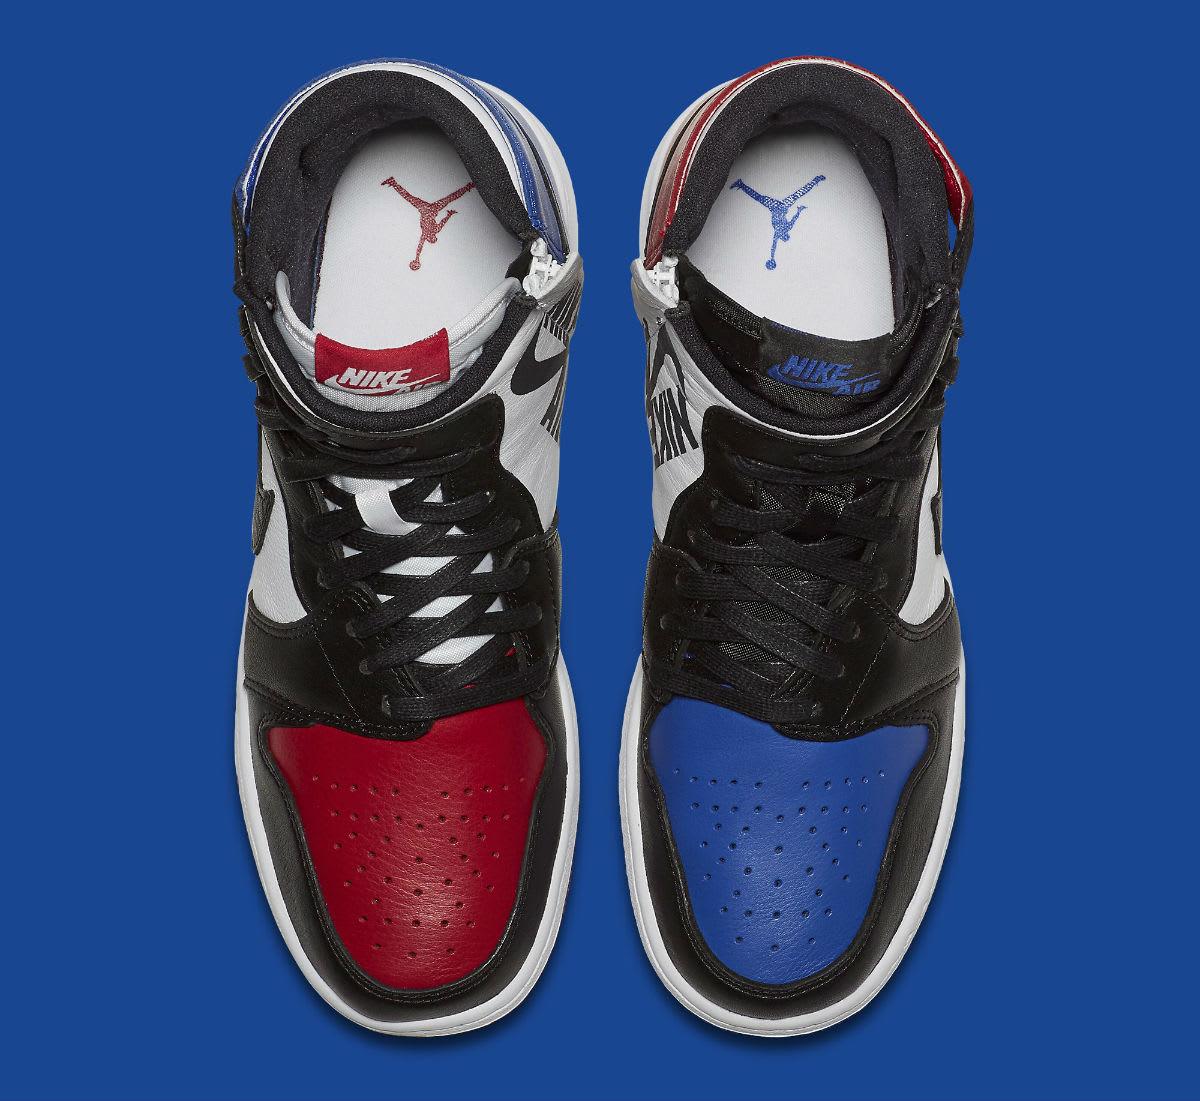 Air Jordan 1 Rebel XX Top 3 Release Date AT4151-001 Top